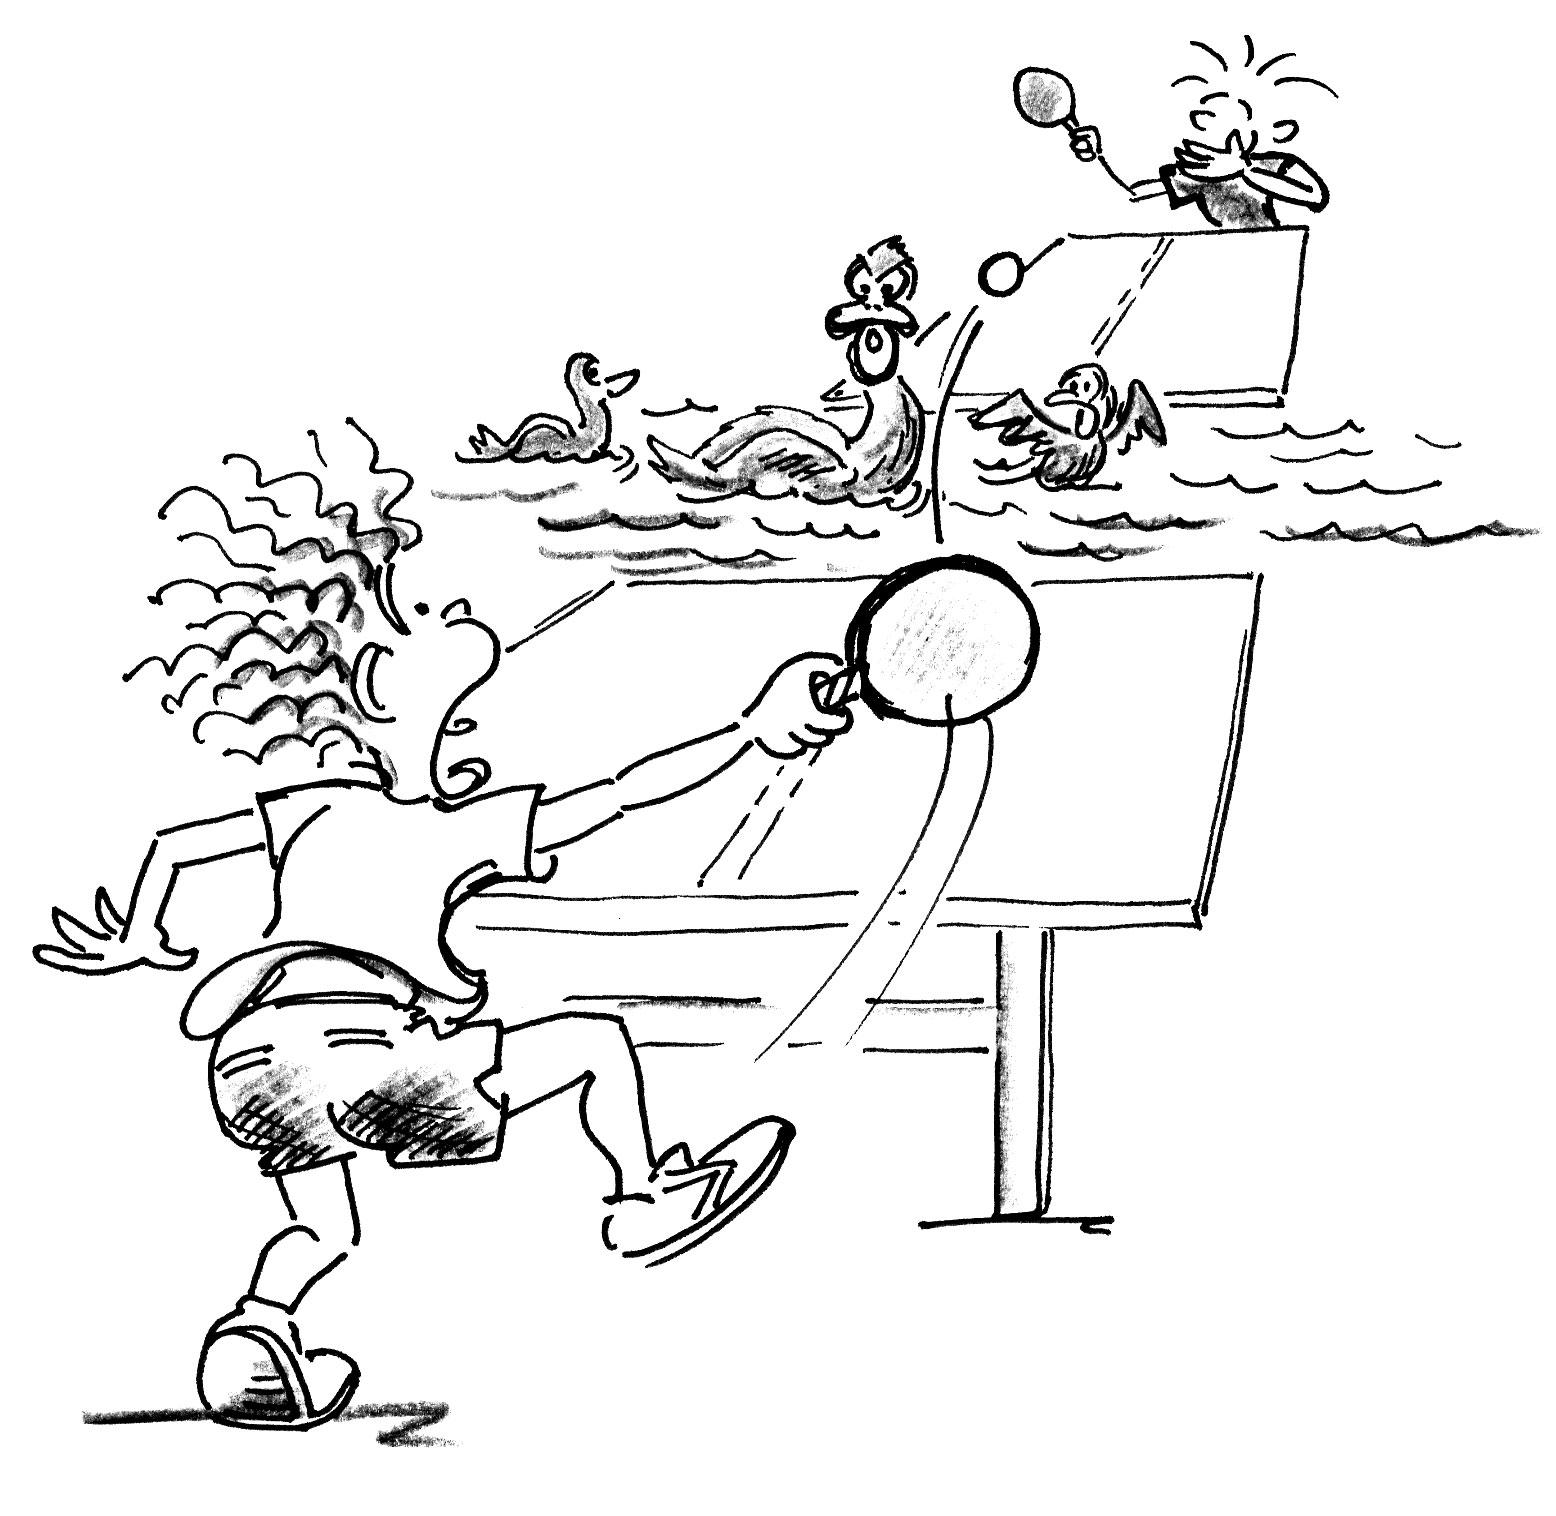 Jeux de renvoi avec enfants tennis de table mare aux - Dessin tennis de table ...